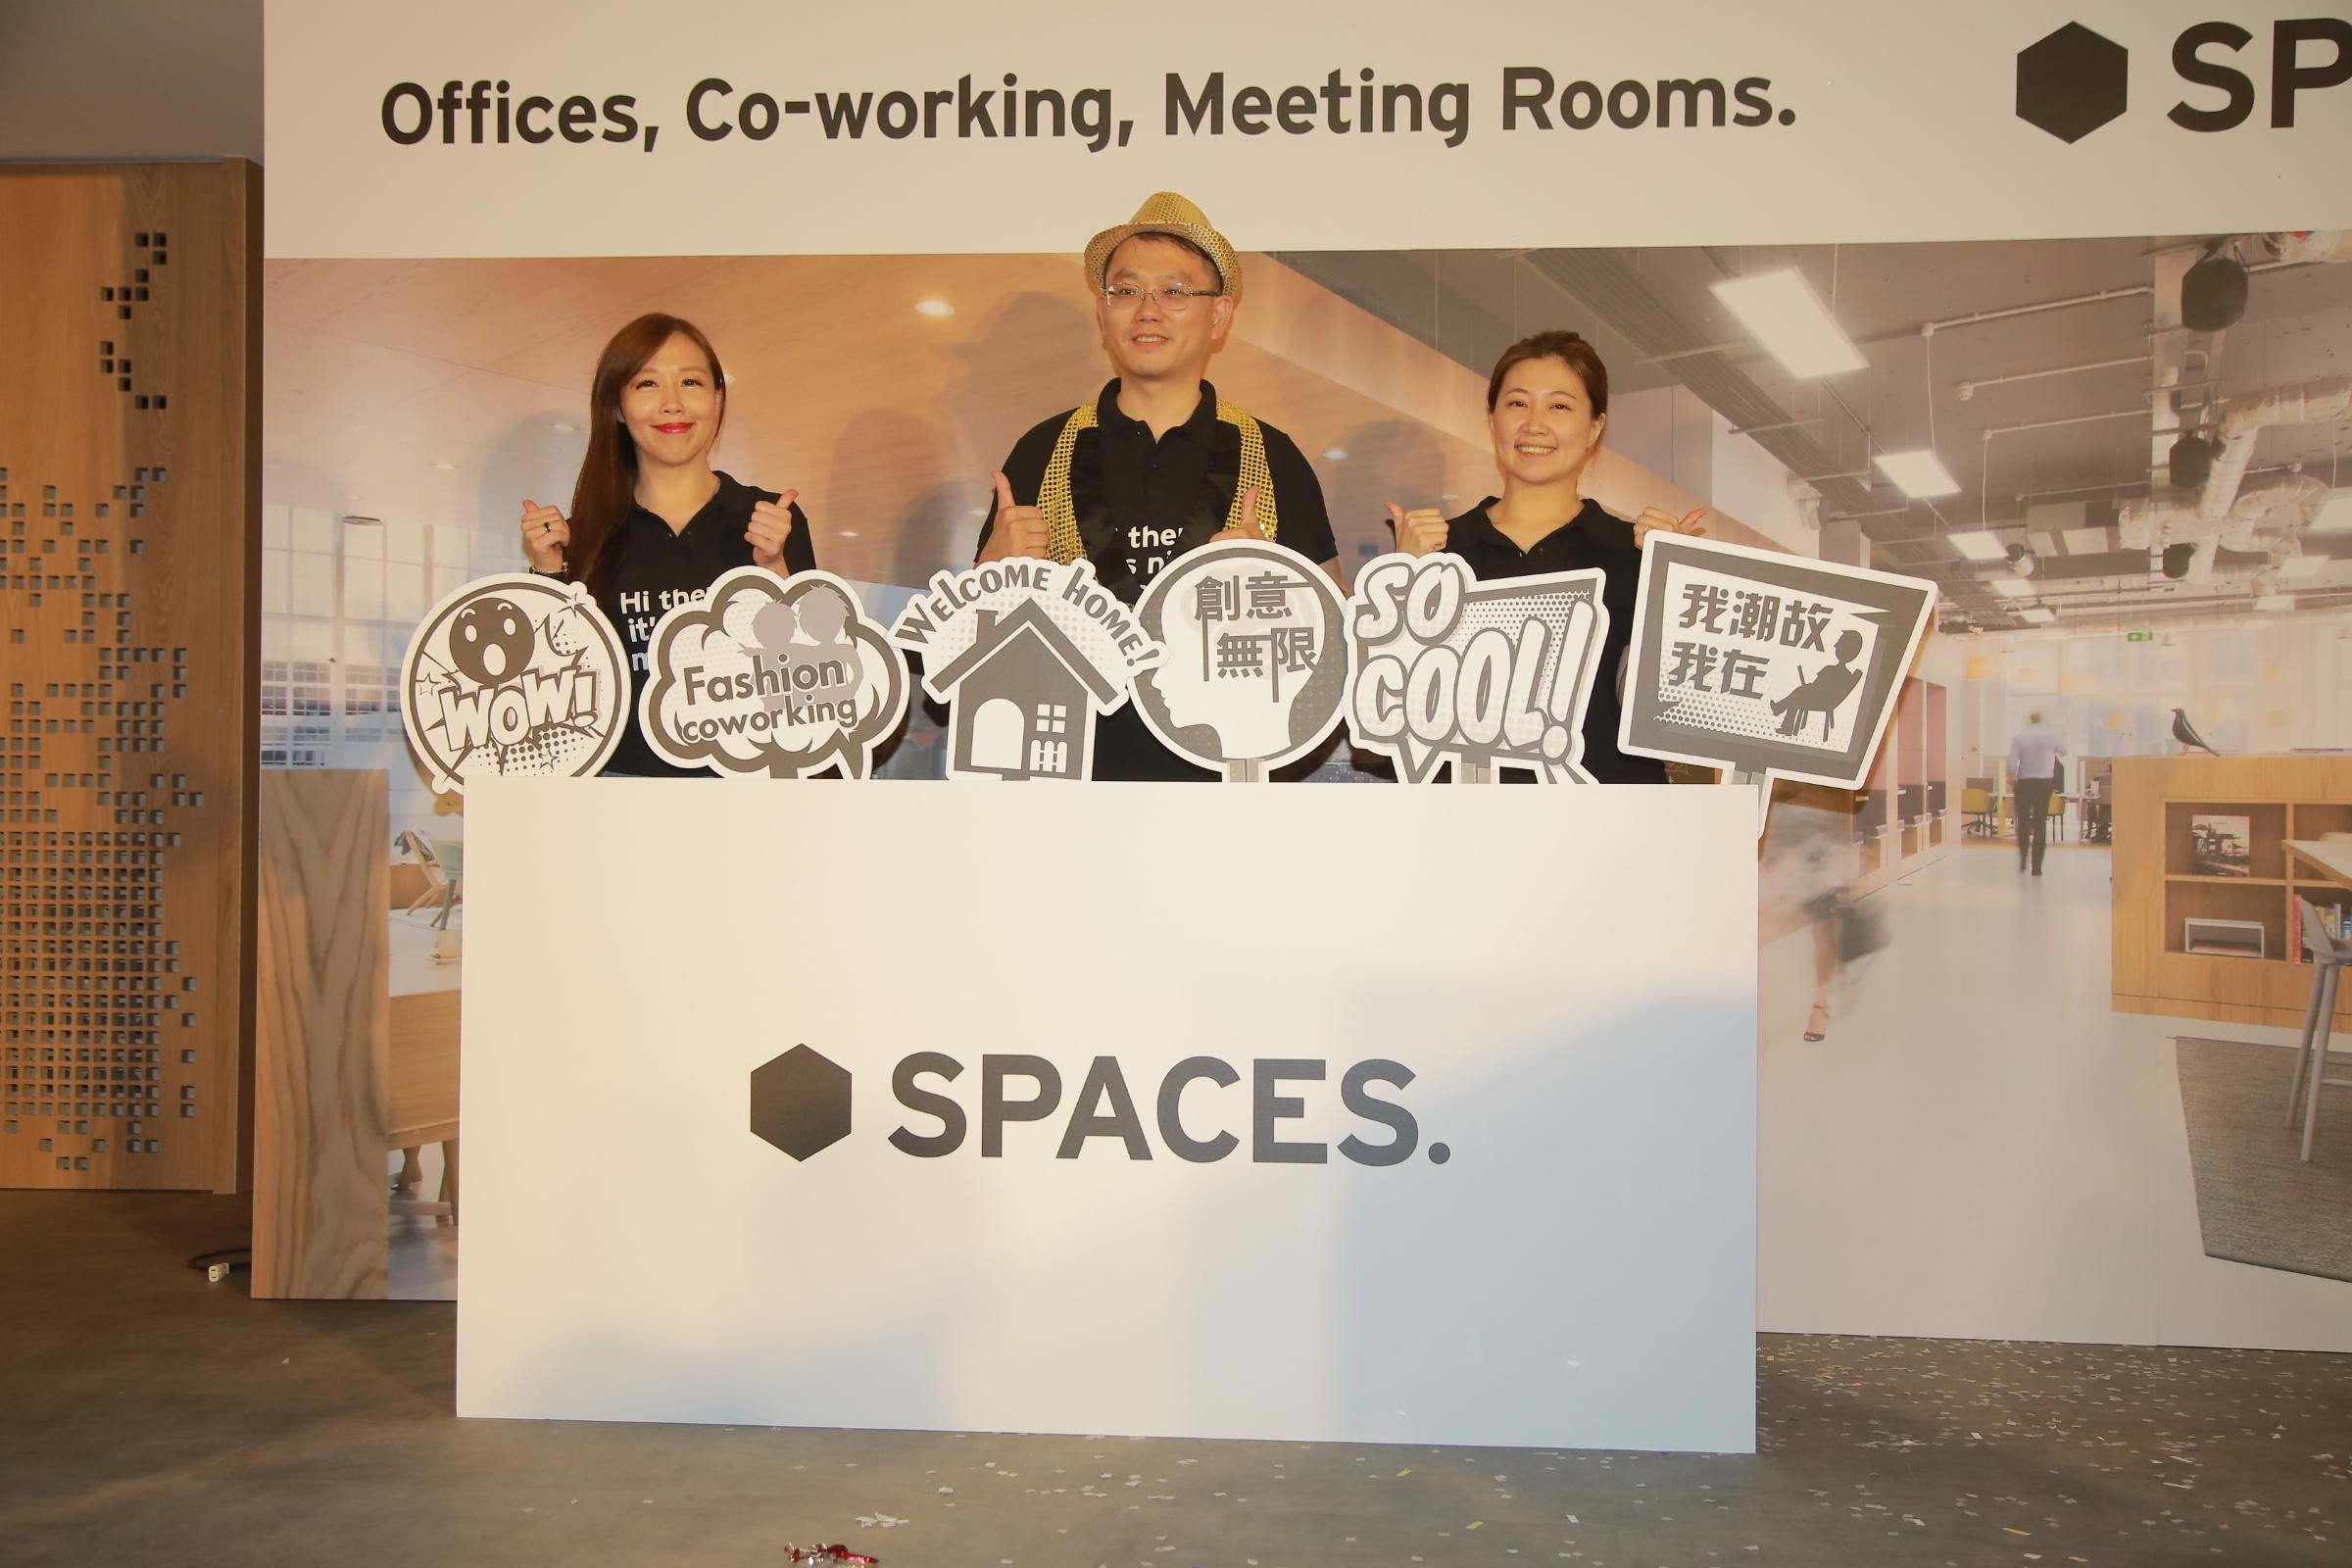 [竹北高鐵]Spaces20180629-1台灣區總裁許恒豪 Brandon Hsu 揭幕位於新竹暐順經貿大樓,台灣的第一家 Spaces 共享工作空間.JPG